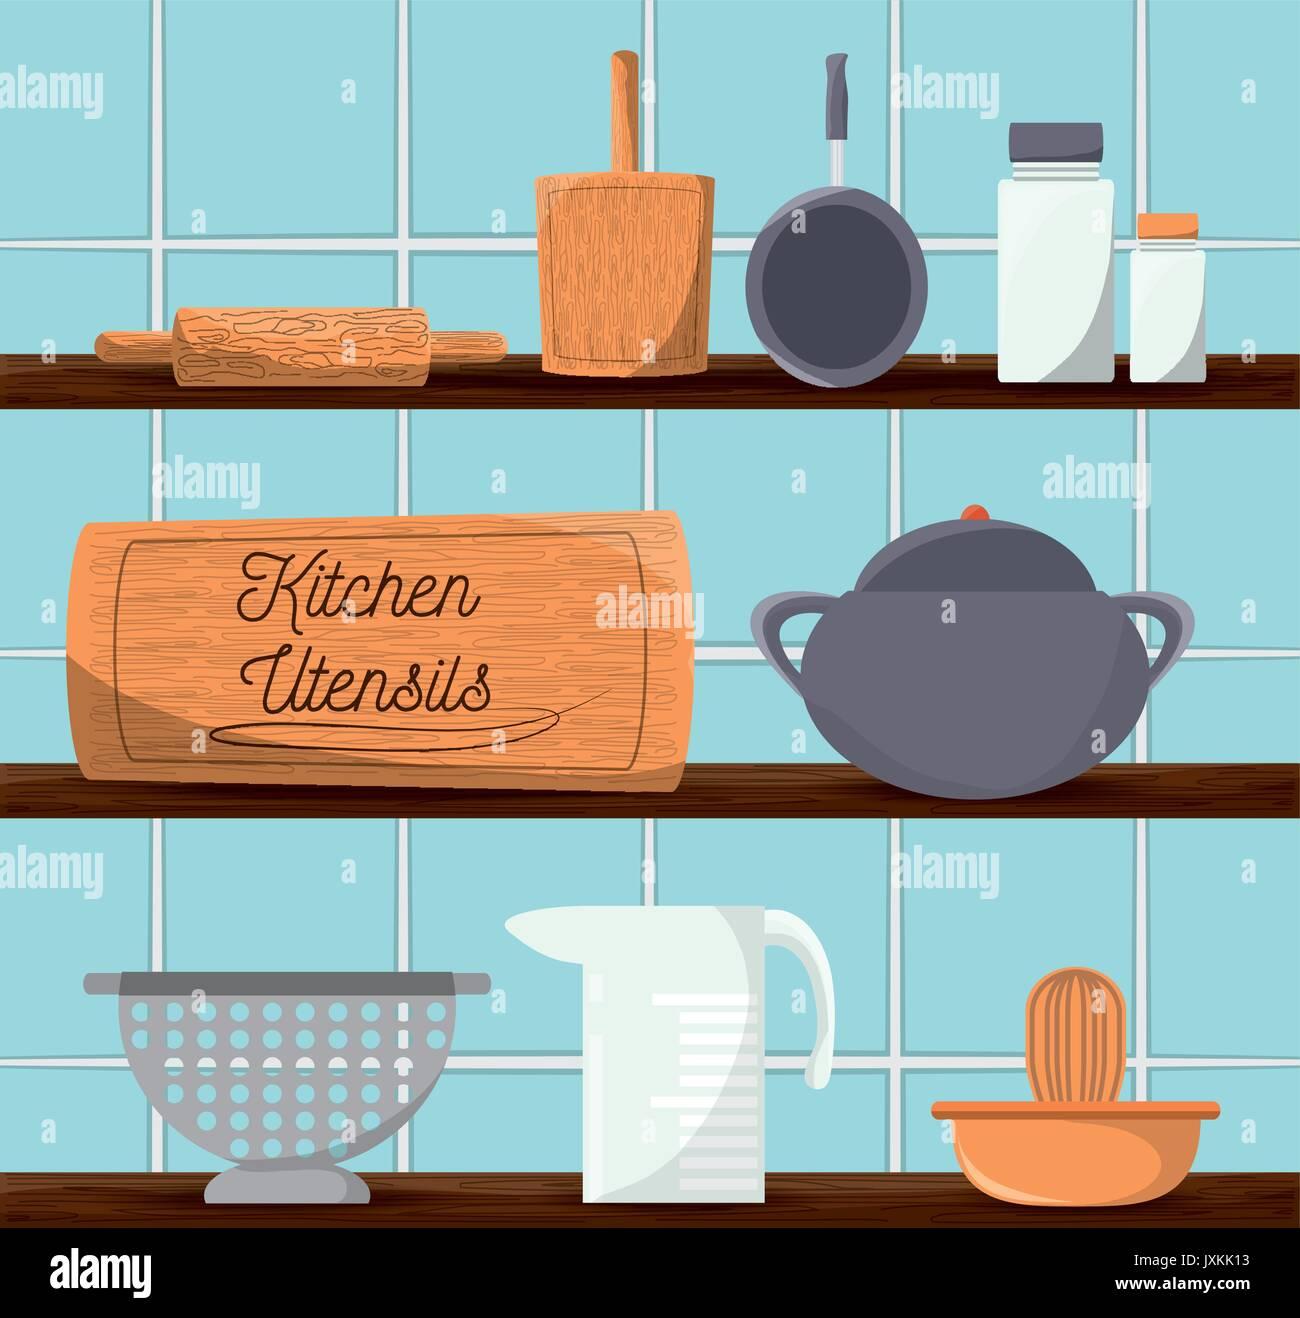 Stainless Teapot Stockfotos & Stainless Teapot Bilder - Alamy